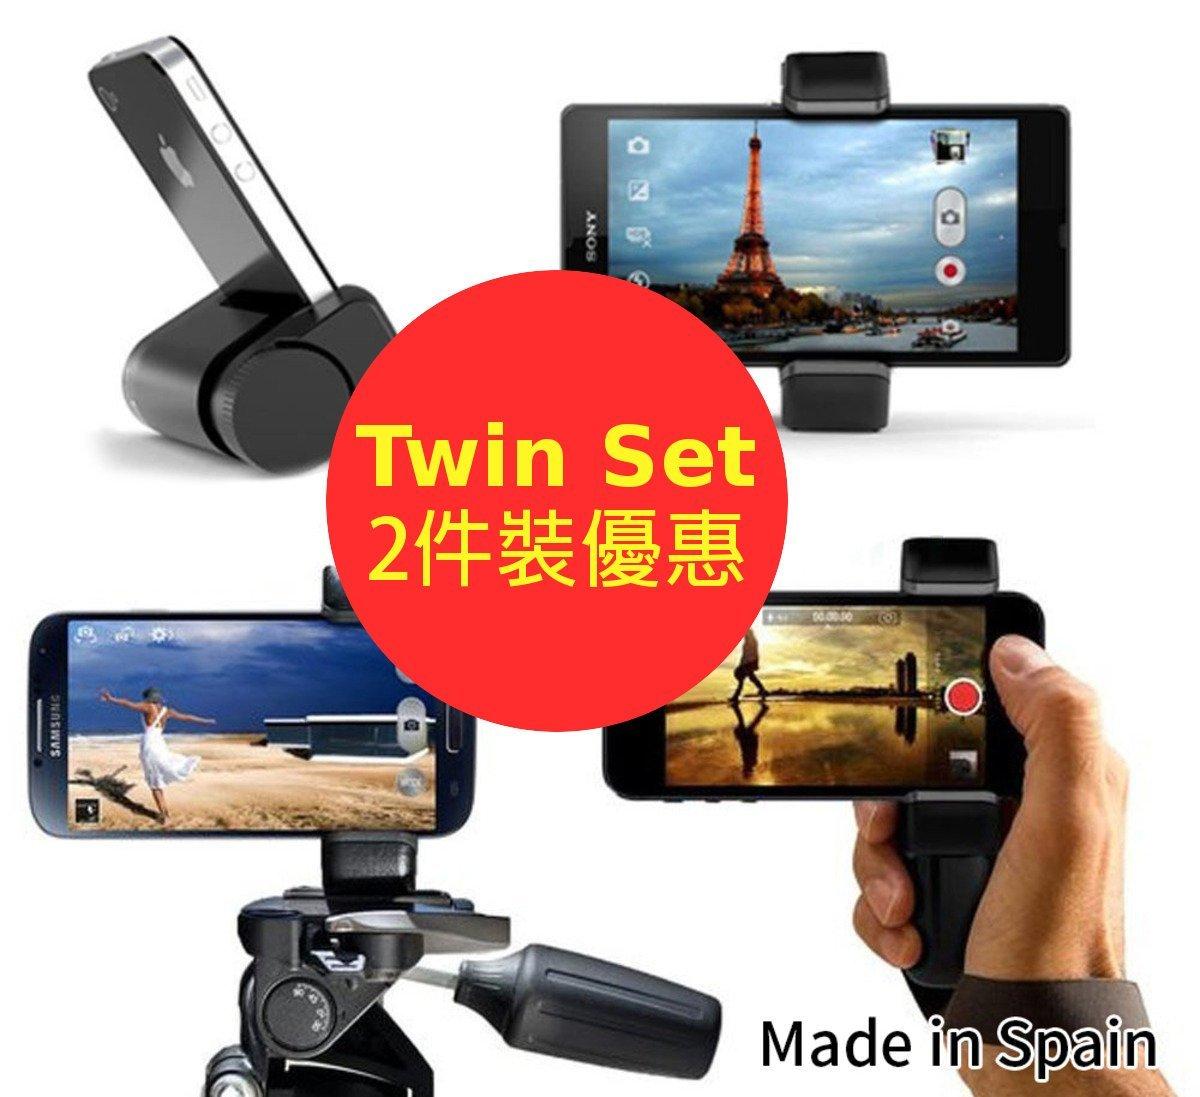 2件裝優惠: S1  智能手機單手快攝神器 (西班牙製造)